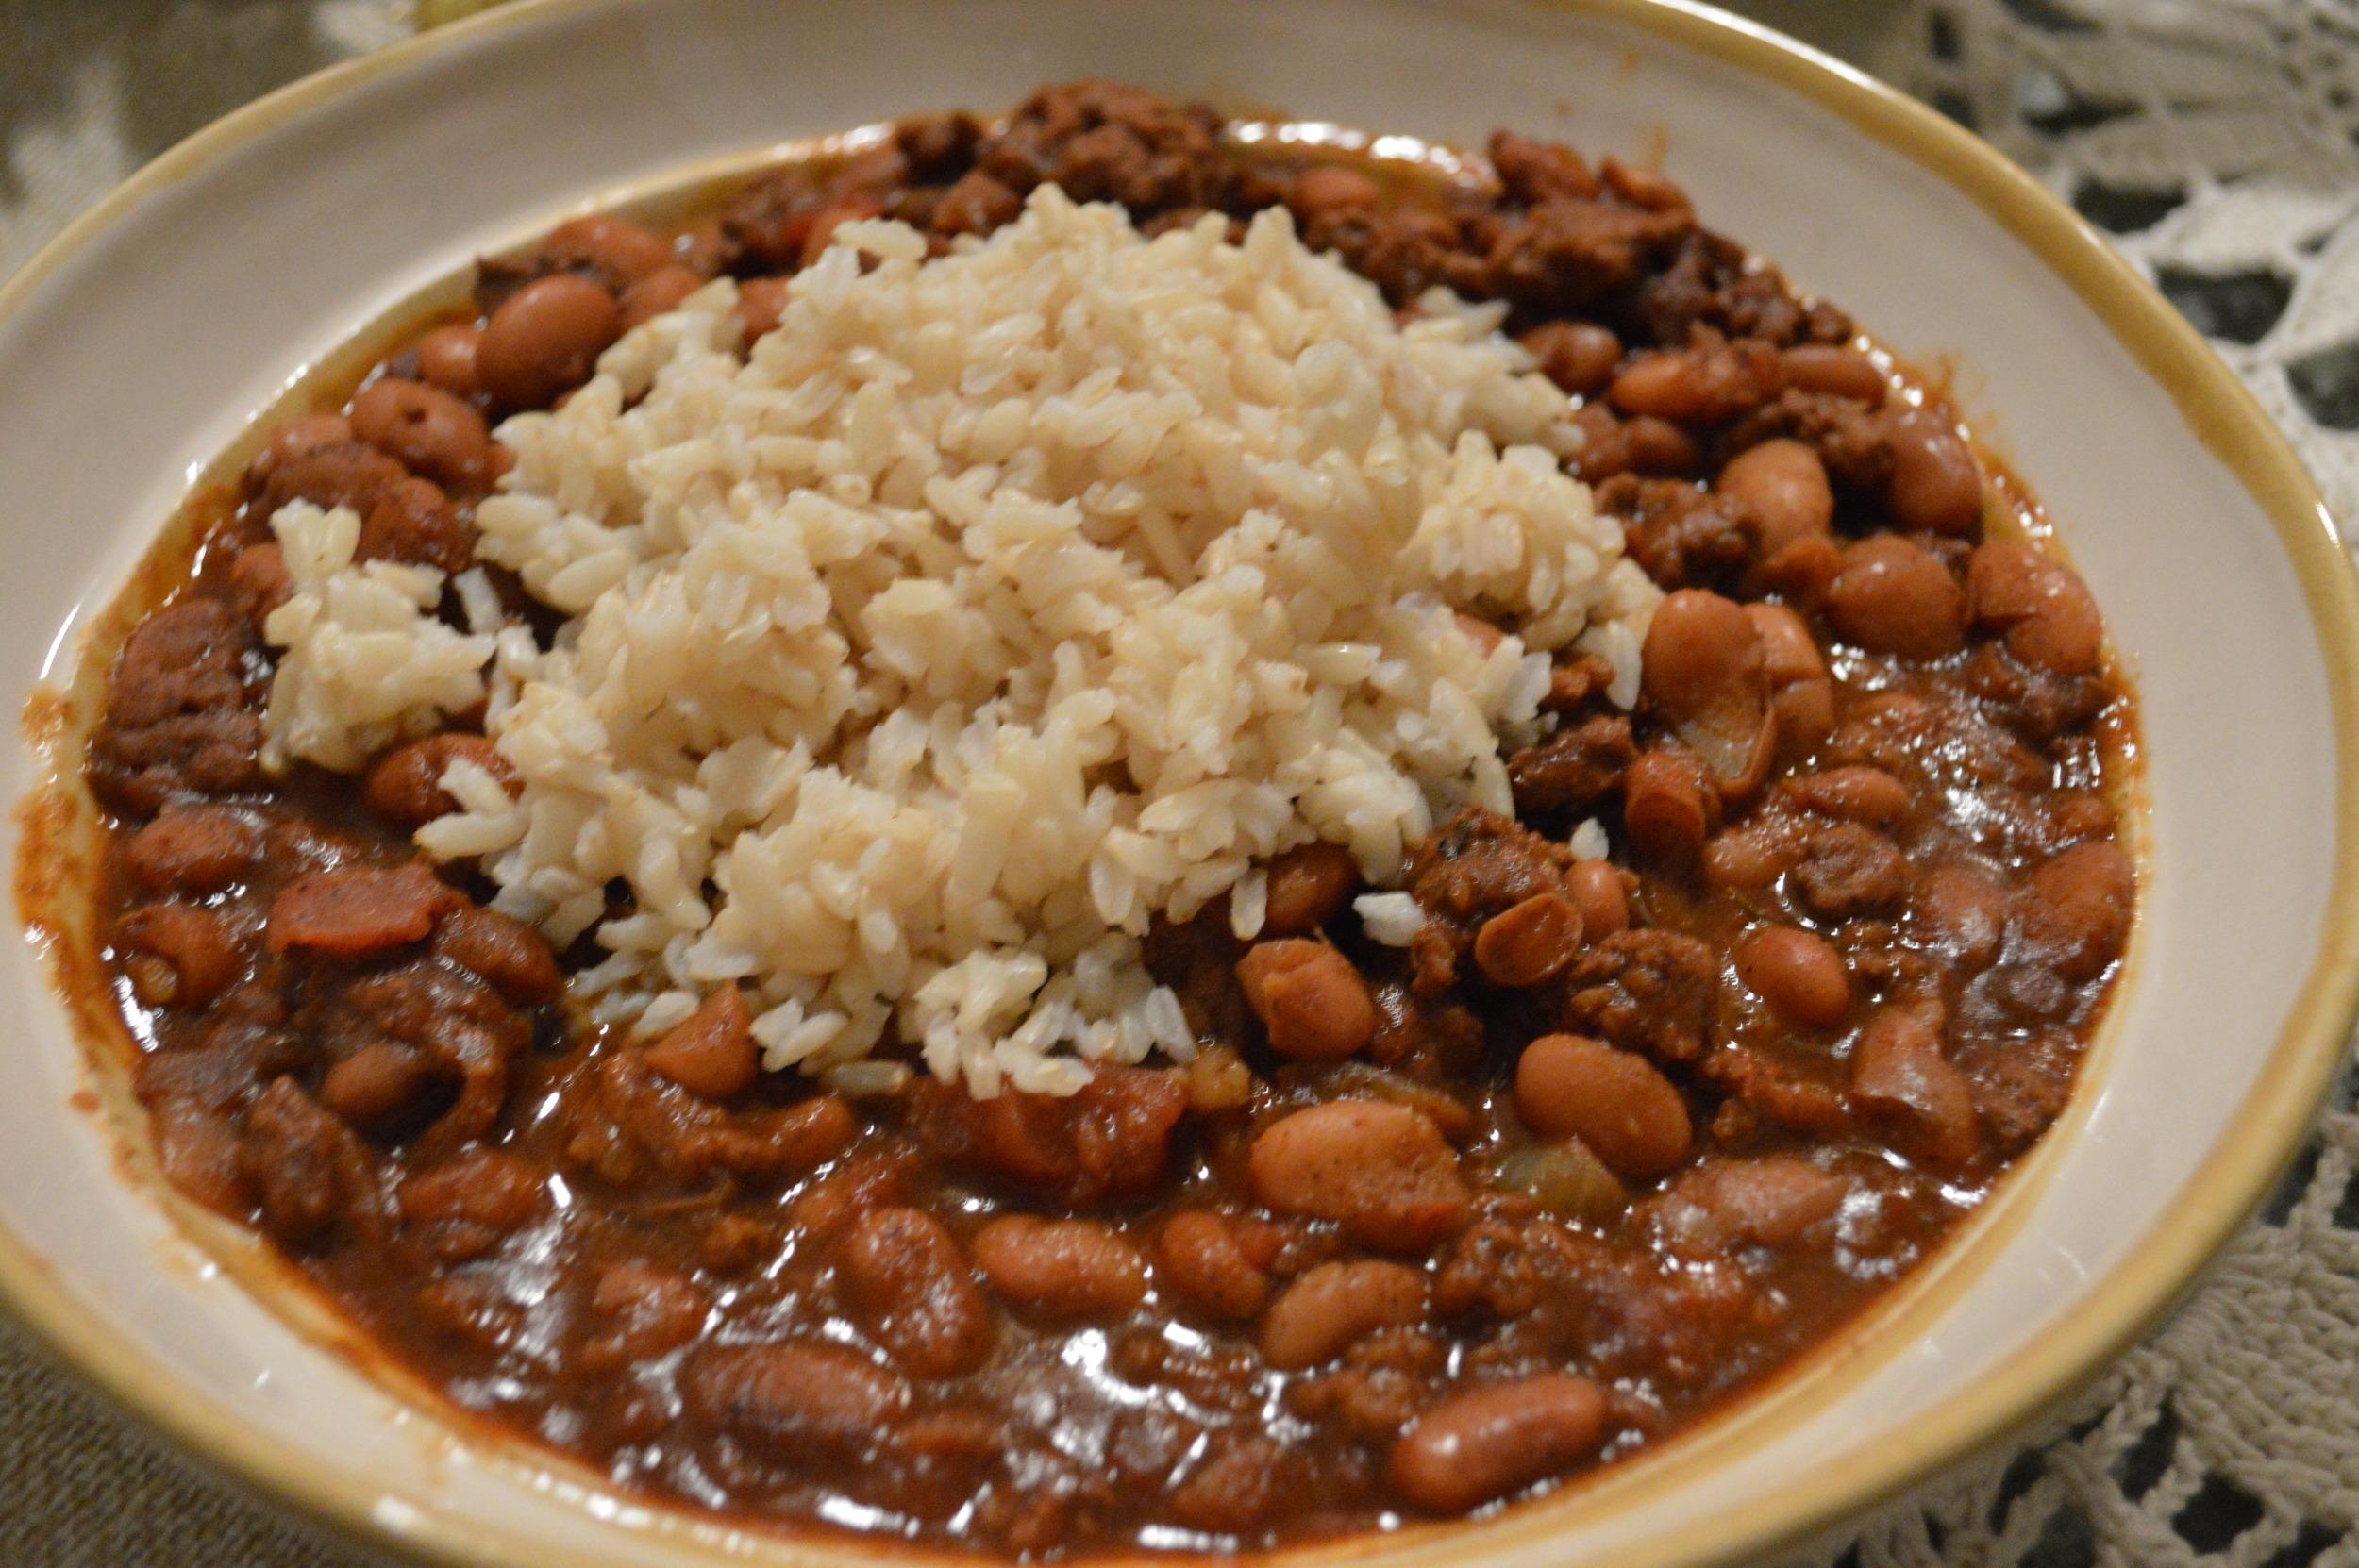 Chili + Brown Rice